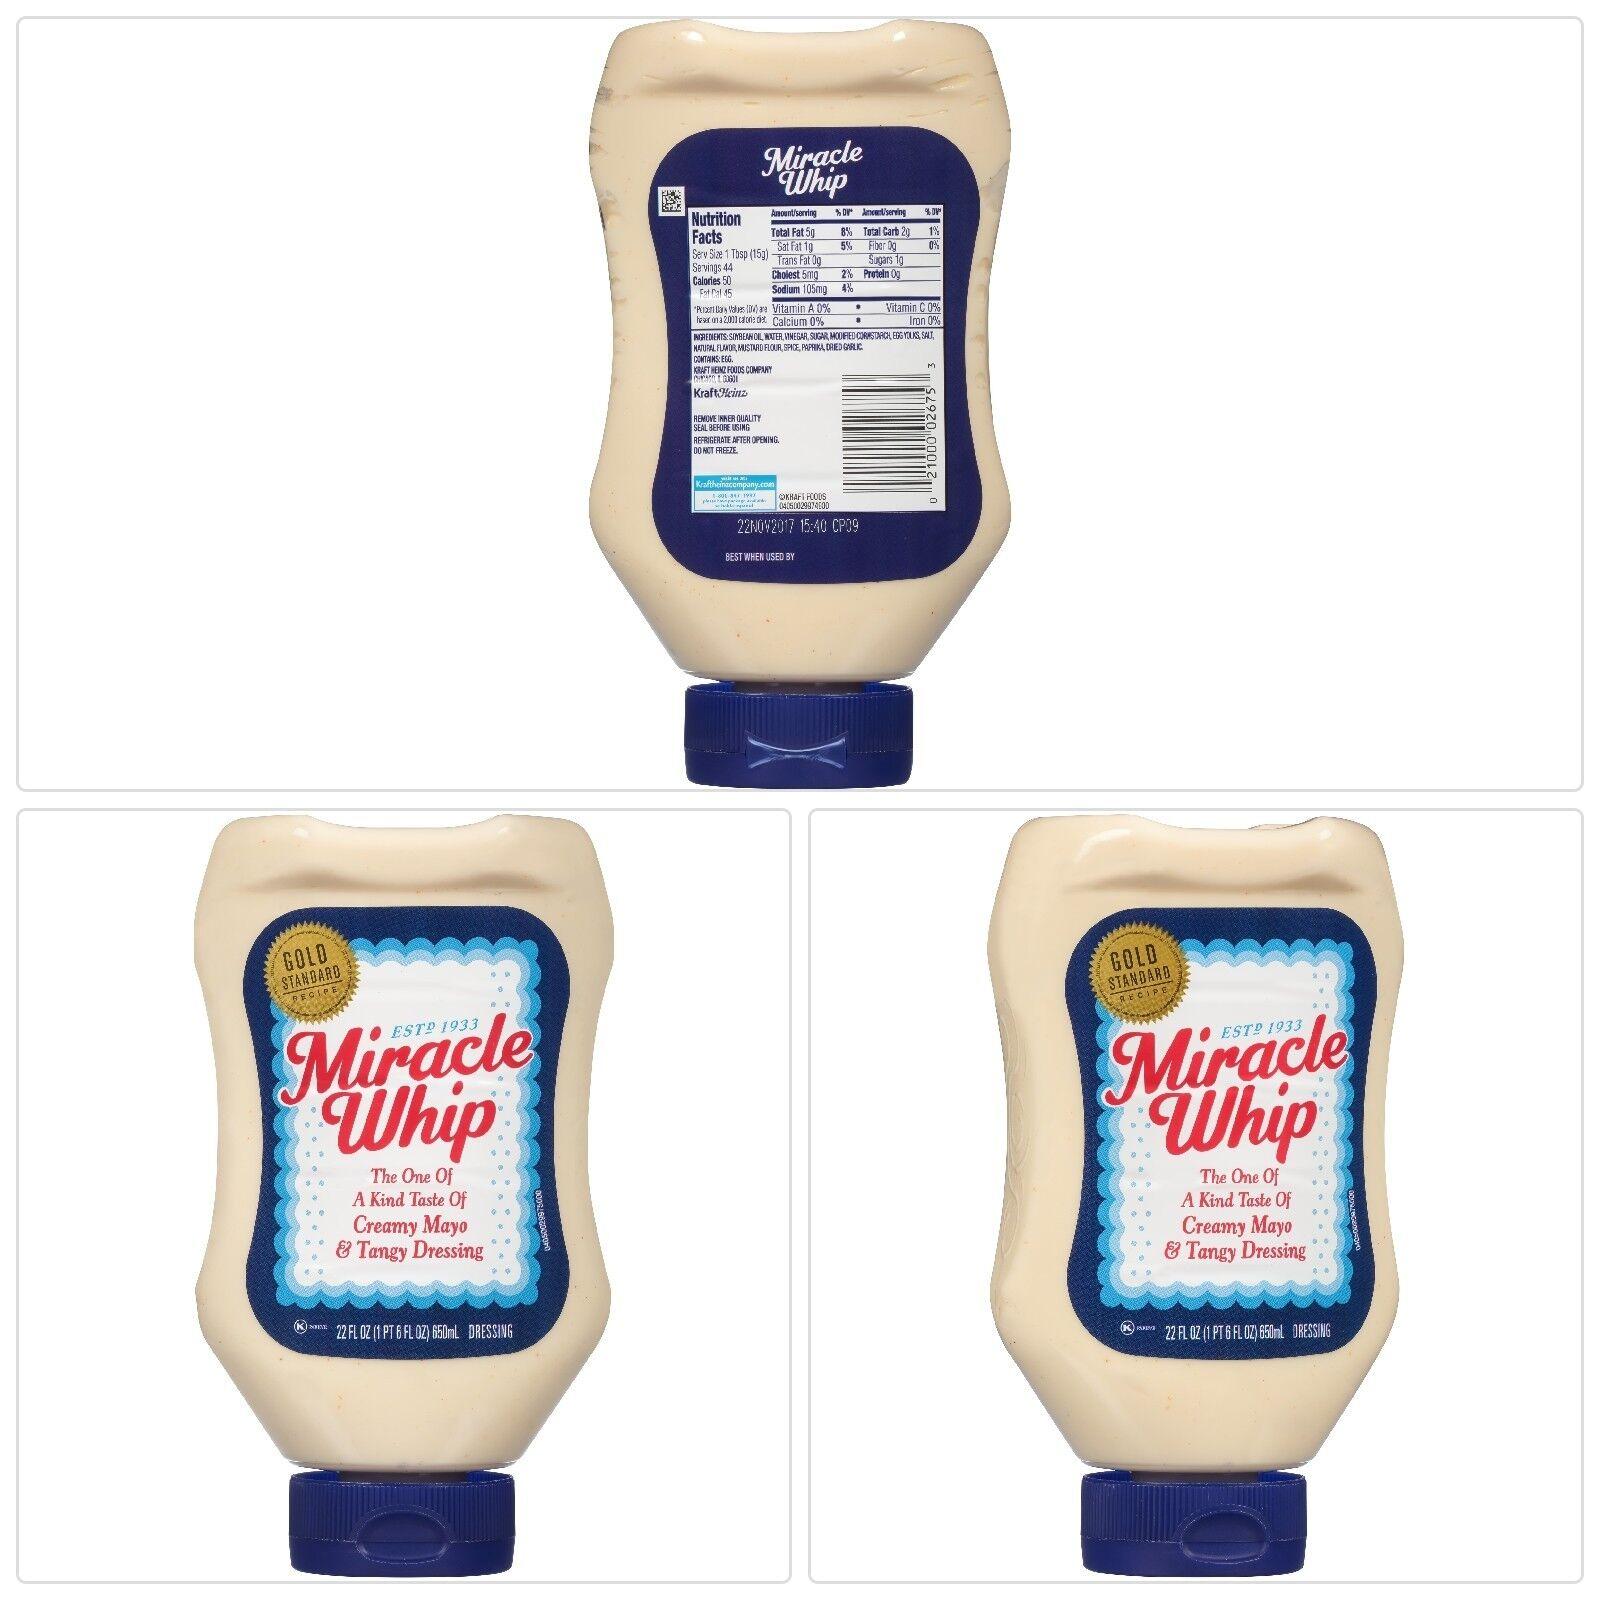 Kraft Miracle Whip Dressing, Original